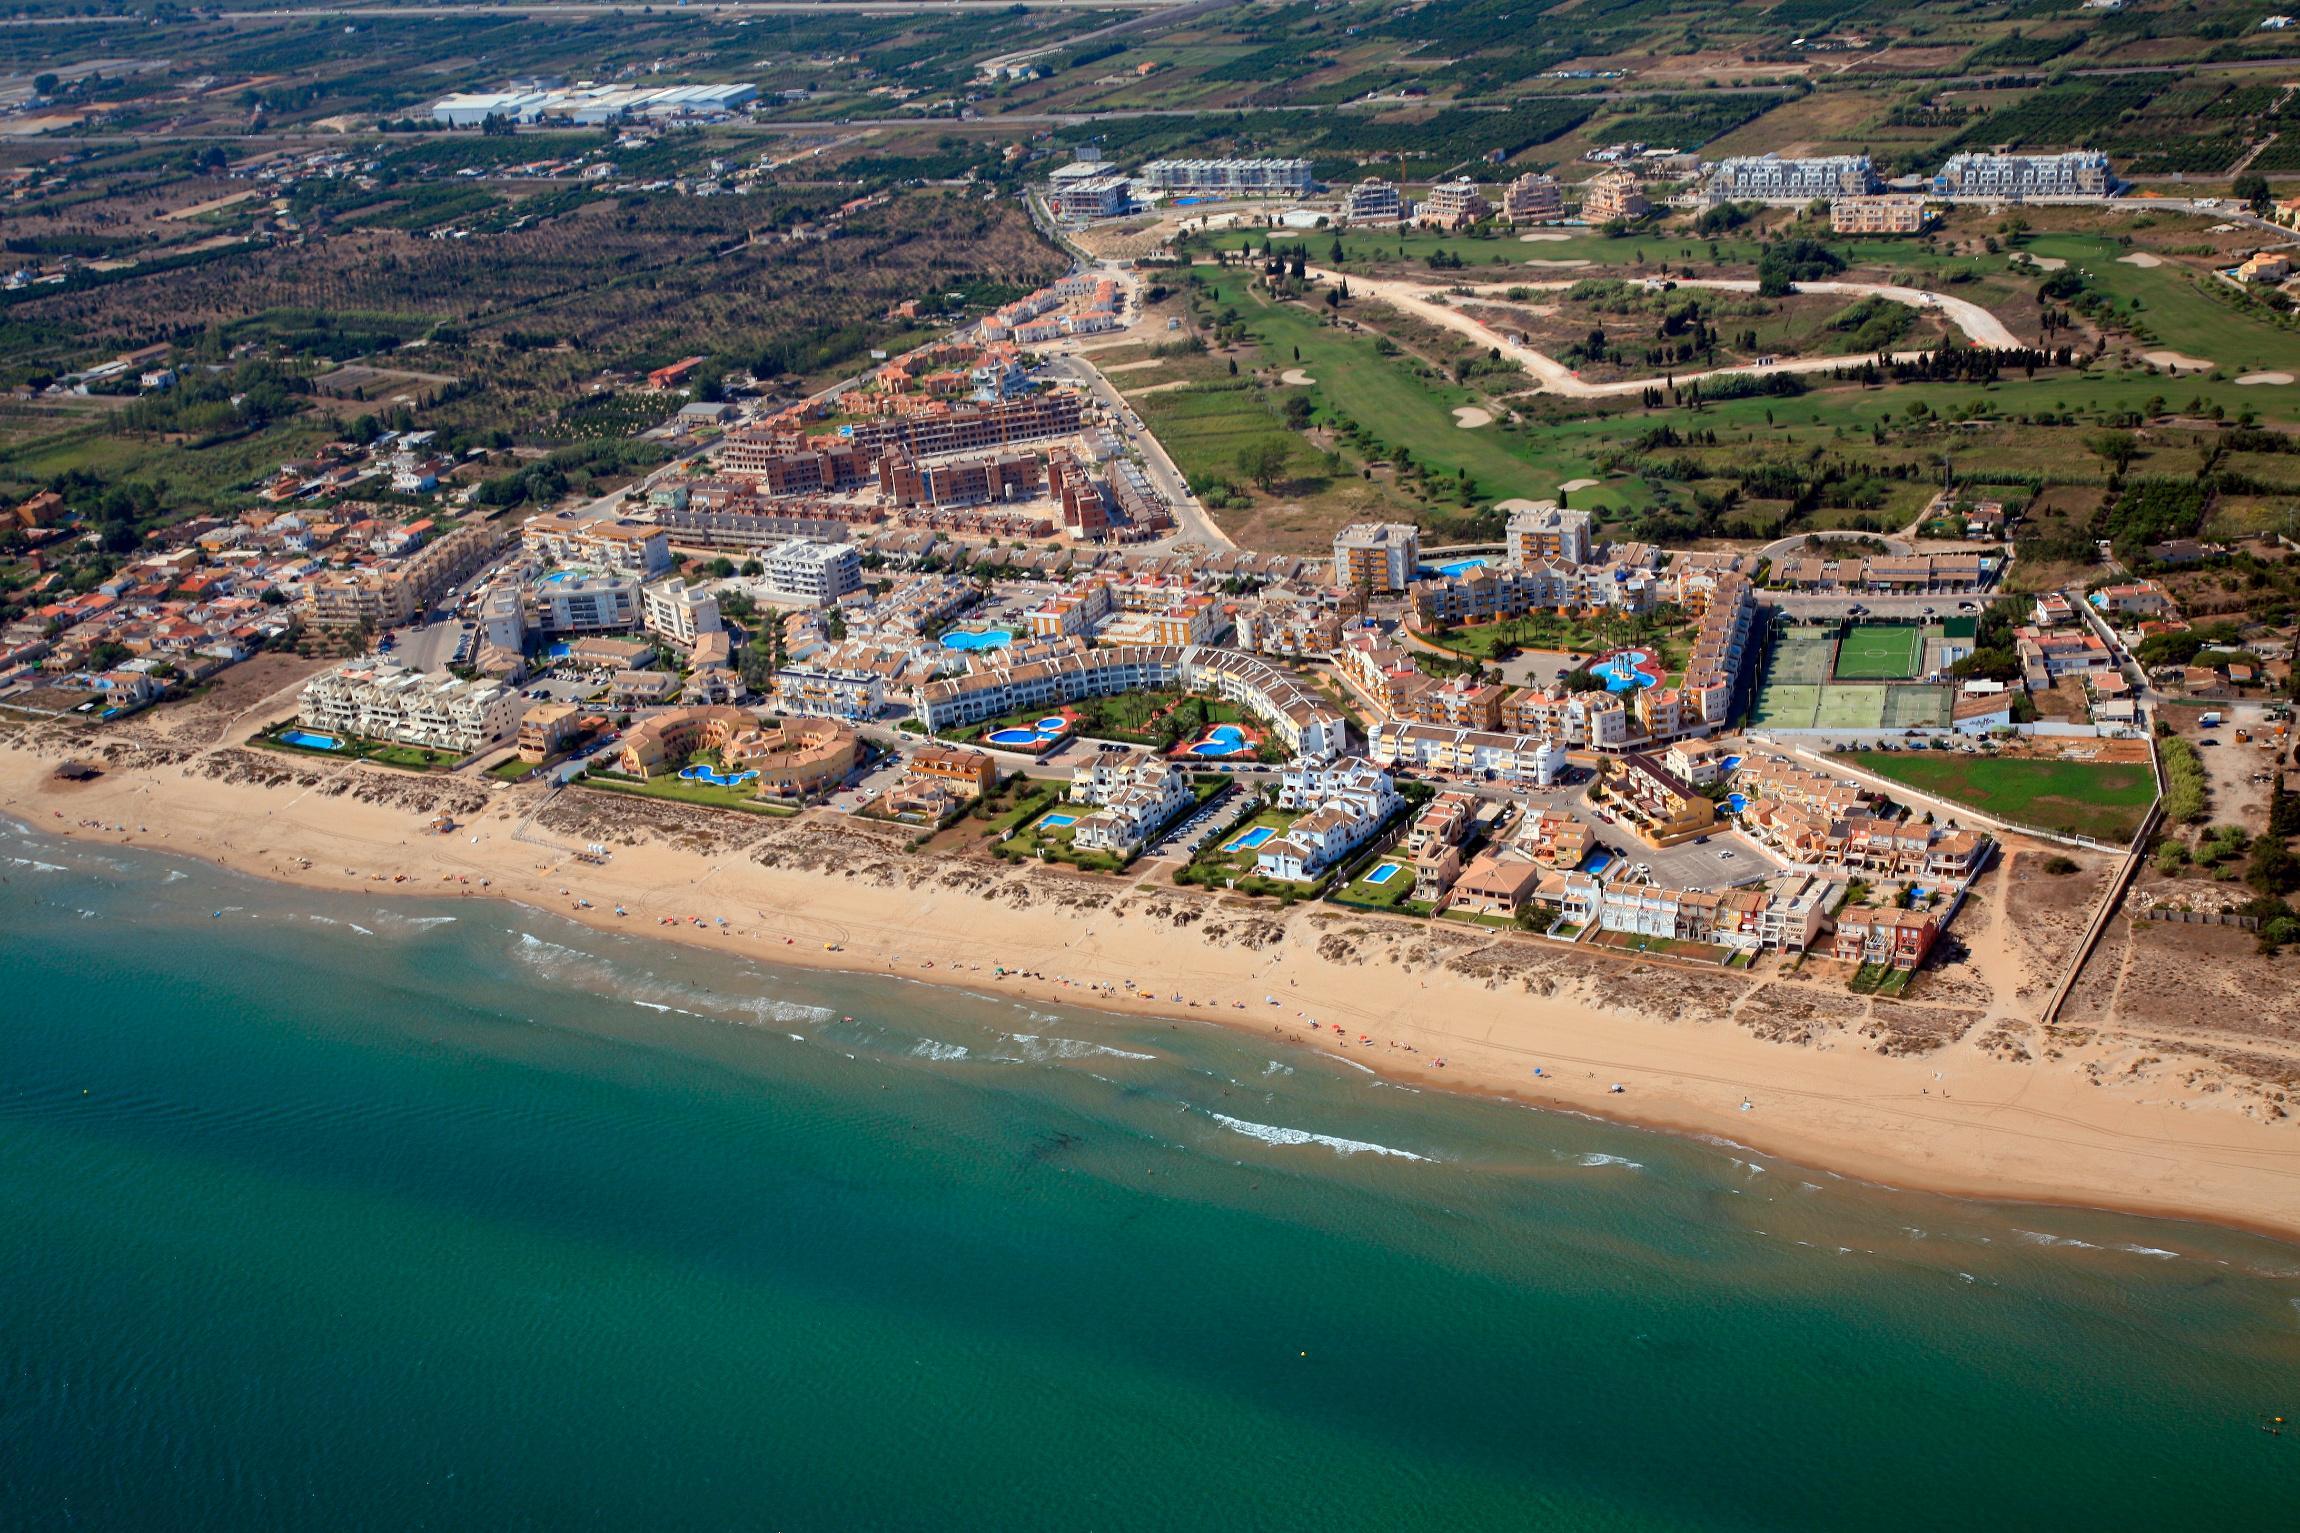 San fernando multiservicios urbanizaci n complejo tur stico oliva valencia - Alquiler de apartamentos en oliva playa ...